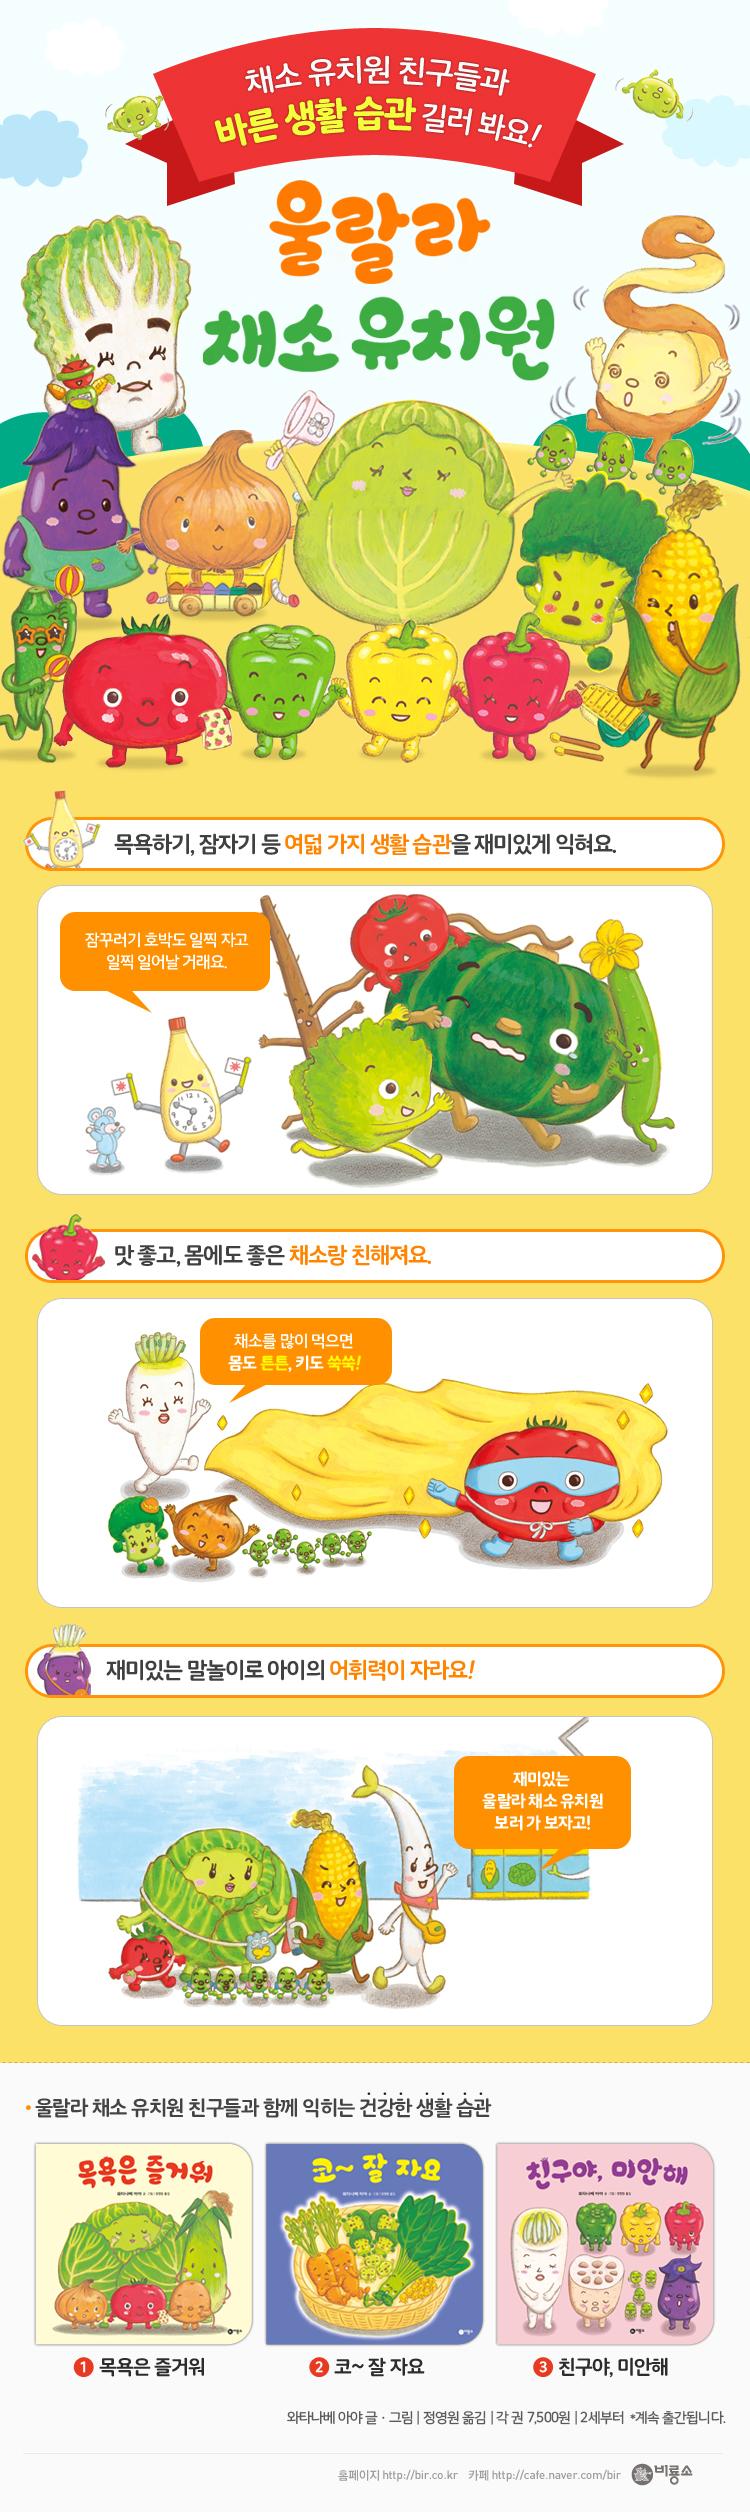 울라라채소유치원_수정